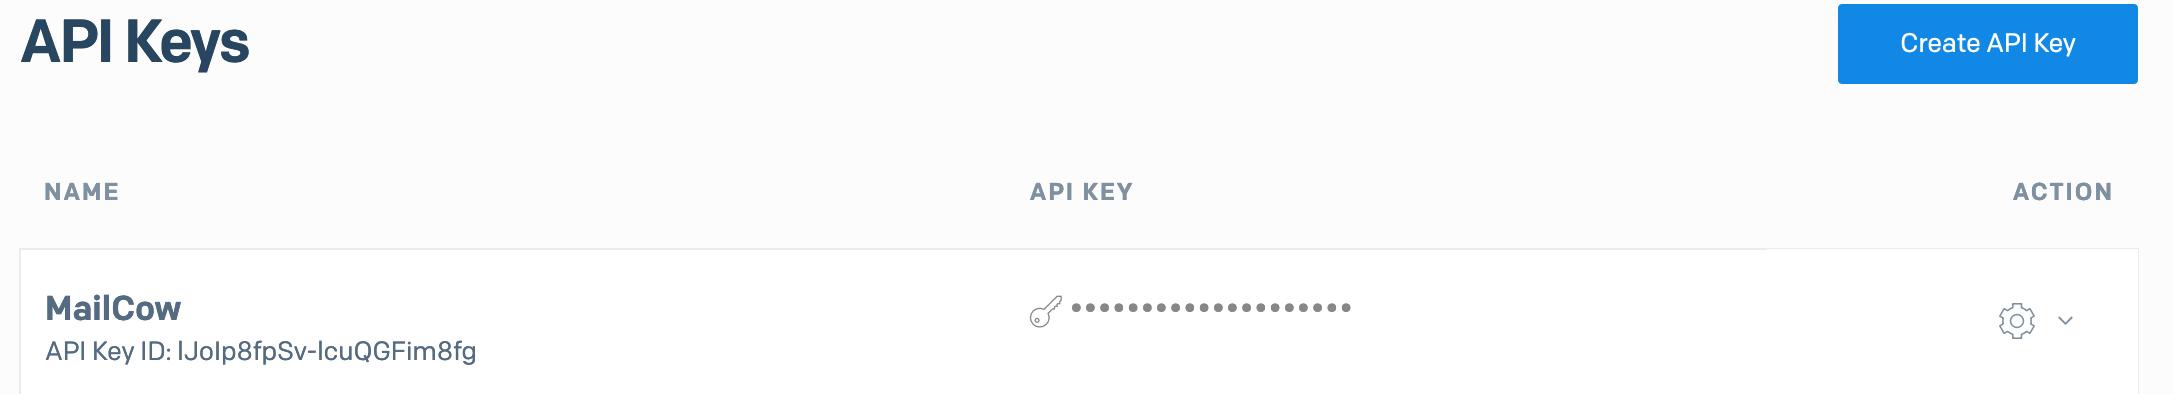 SendGrid - API Keys